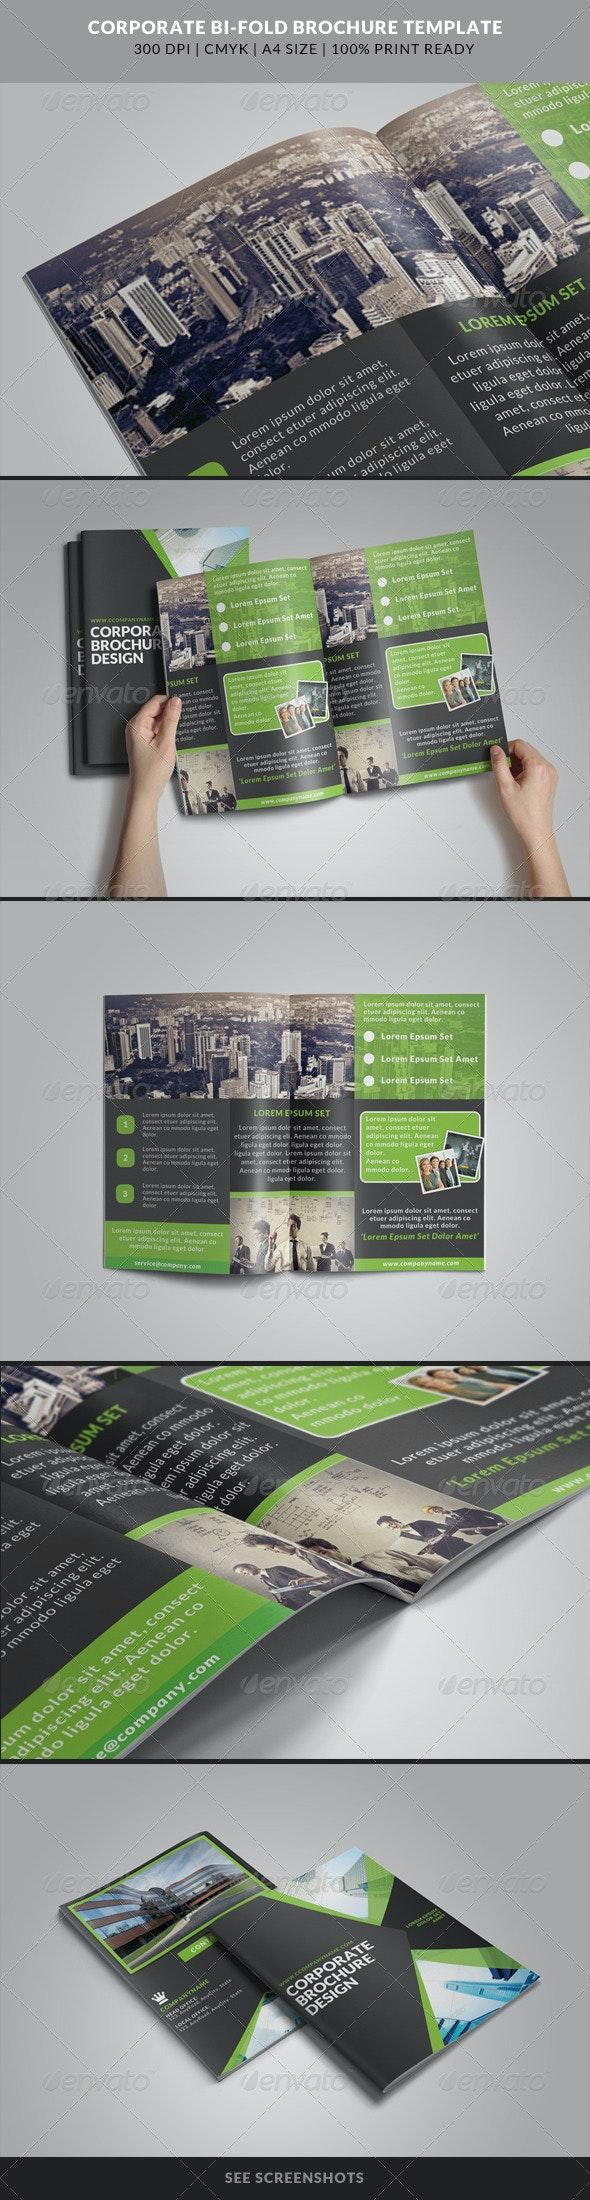 Corporate Bi-Fold Brochures Template 4 - Corporate Brochures